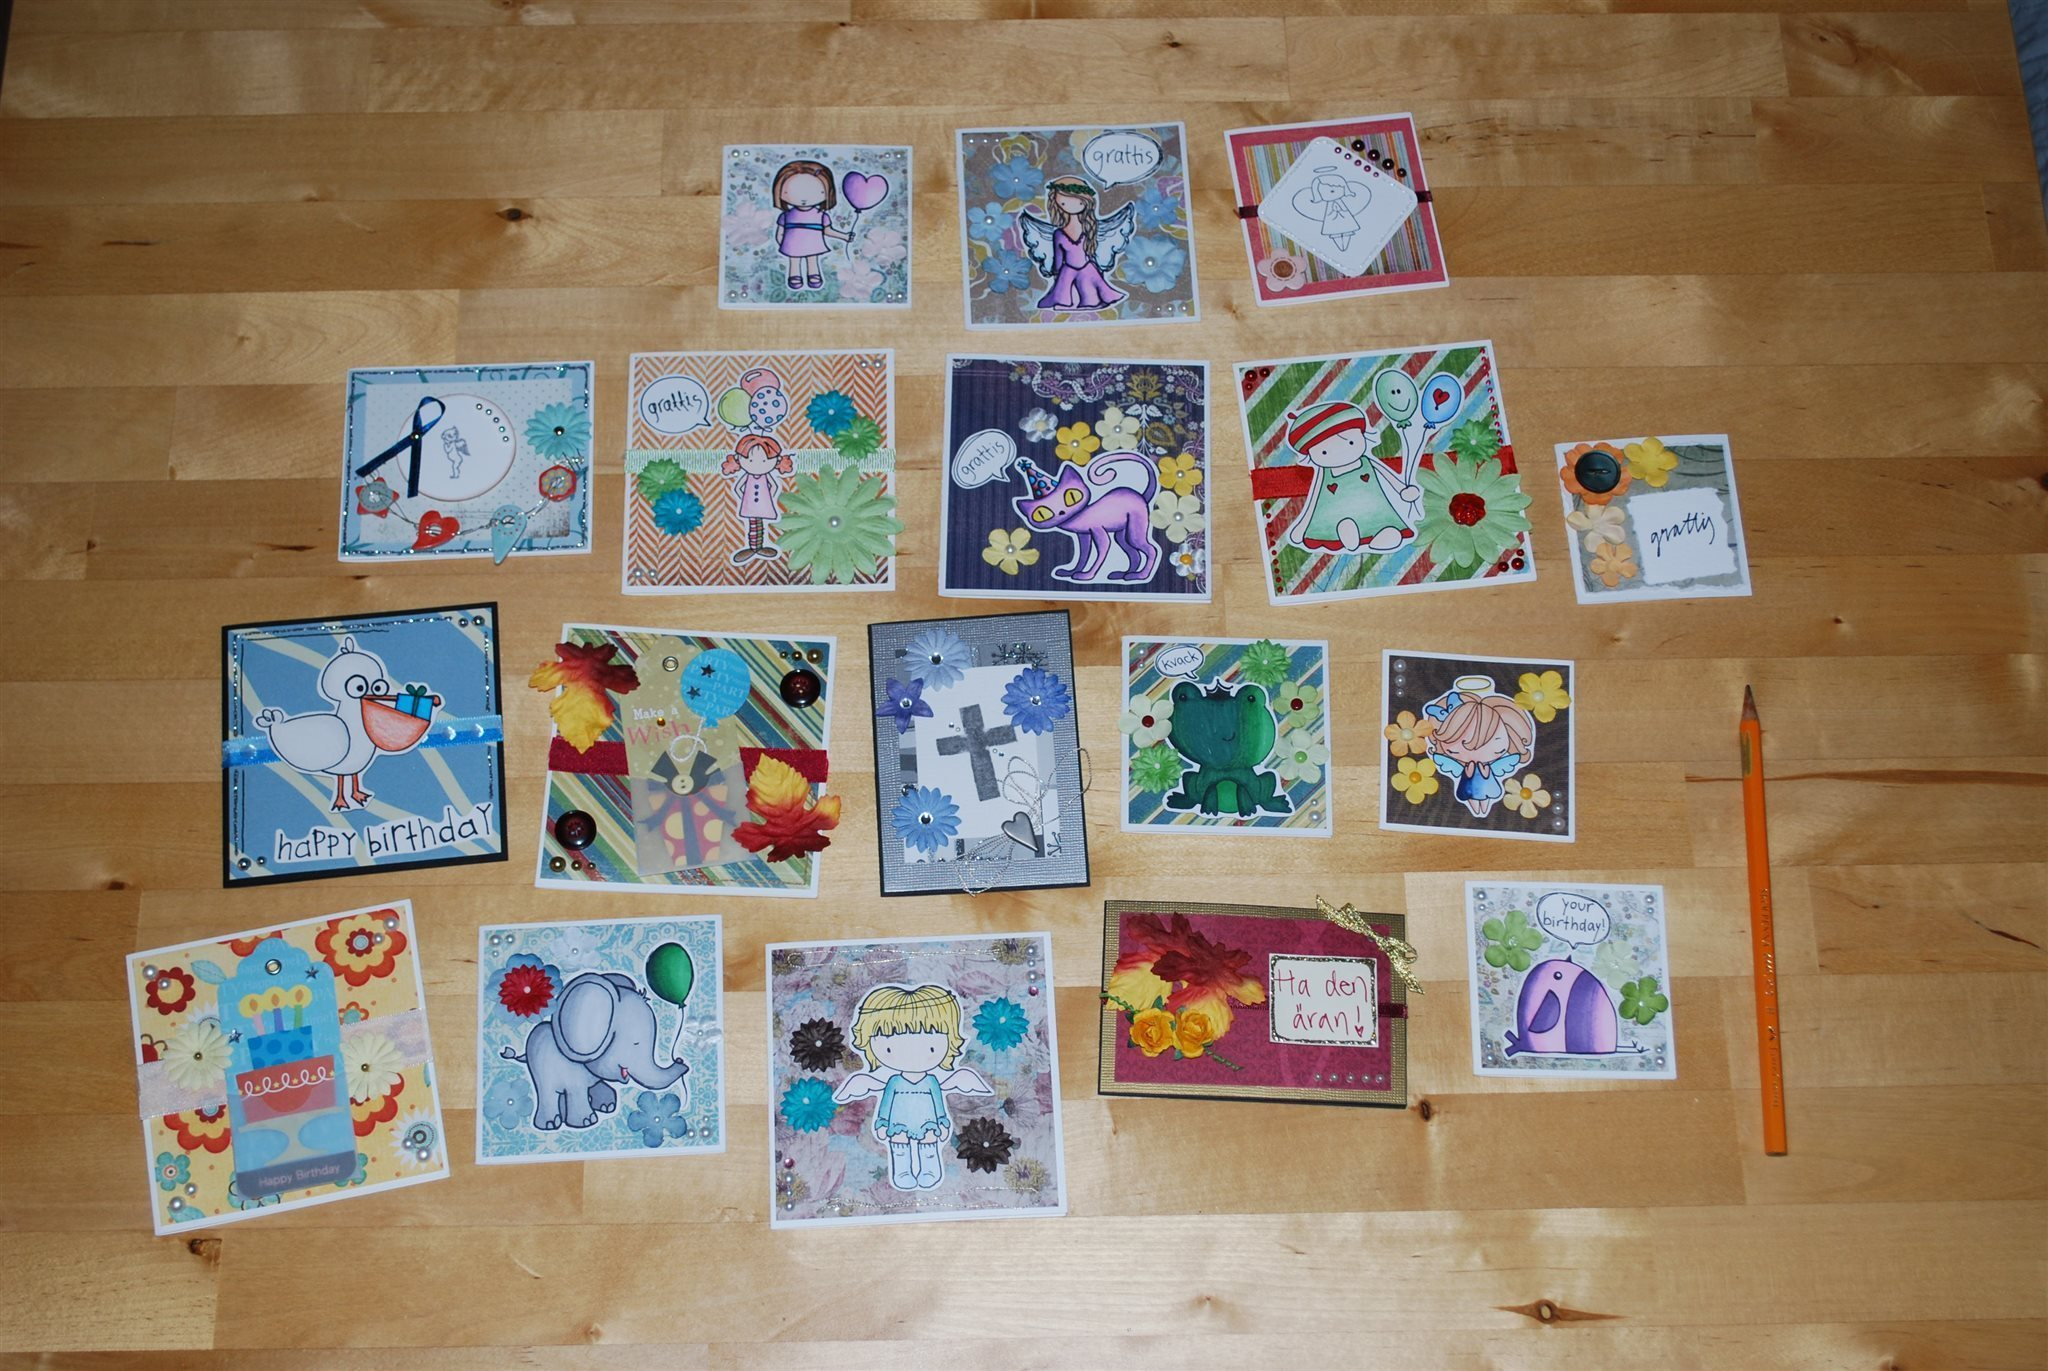 handgjorda gratulationskort Ett gäng små handgjorda gratulationskort, paket.. (314718297) ᐈ  handgjorda gratulationskort